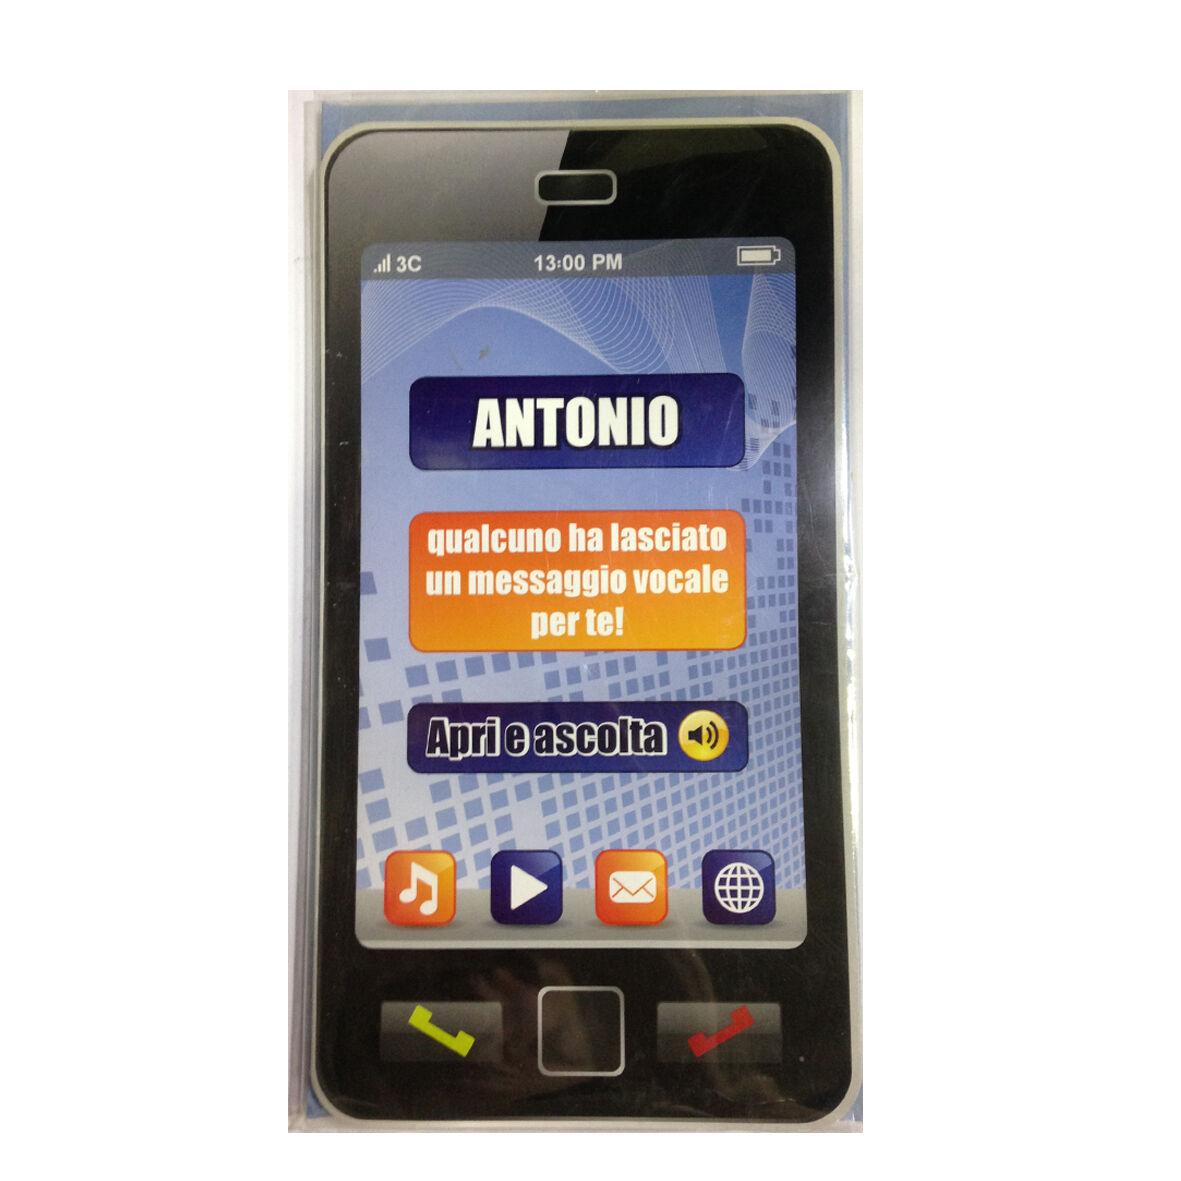 COMPLEANNO biglietto musicale a telefono squilla segreteria nome ANTONIO